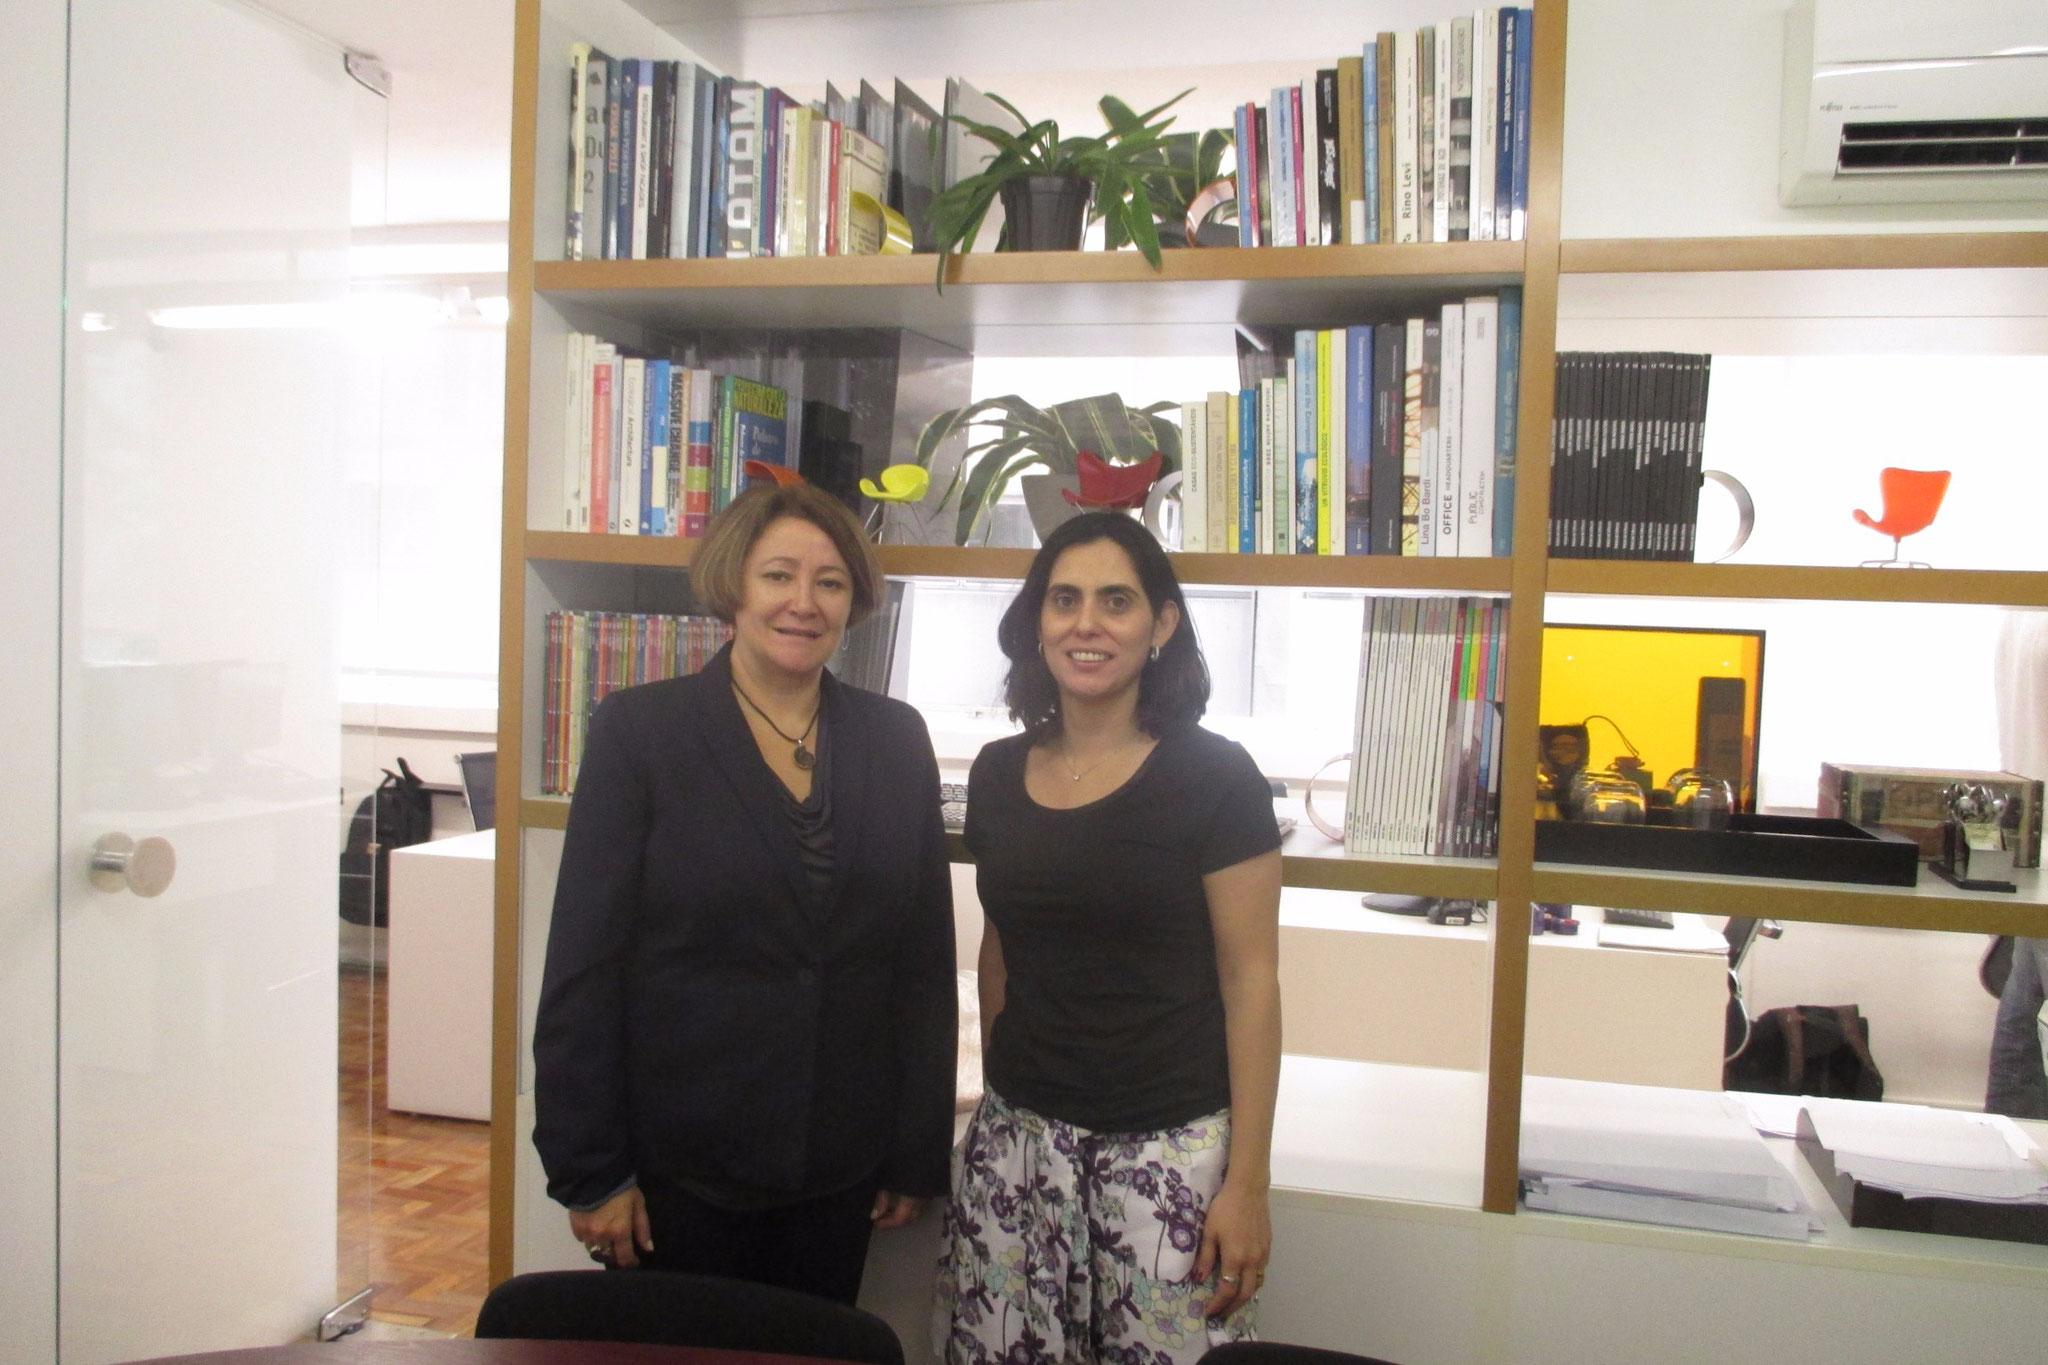 Visiting AsBEA Associação Brasileira dos Escritórios de Arquitetura in 2015, Sao Paulo, Brazil.